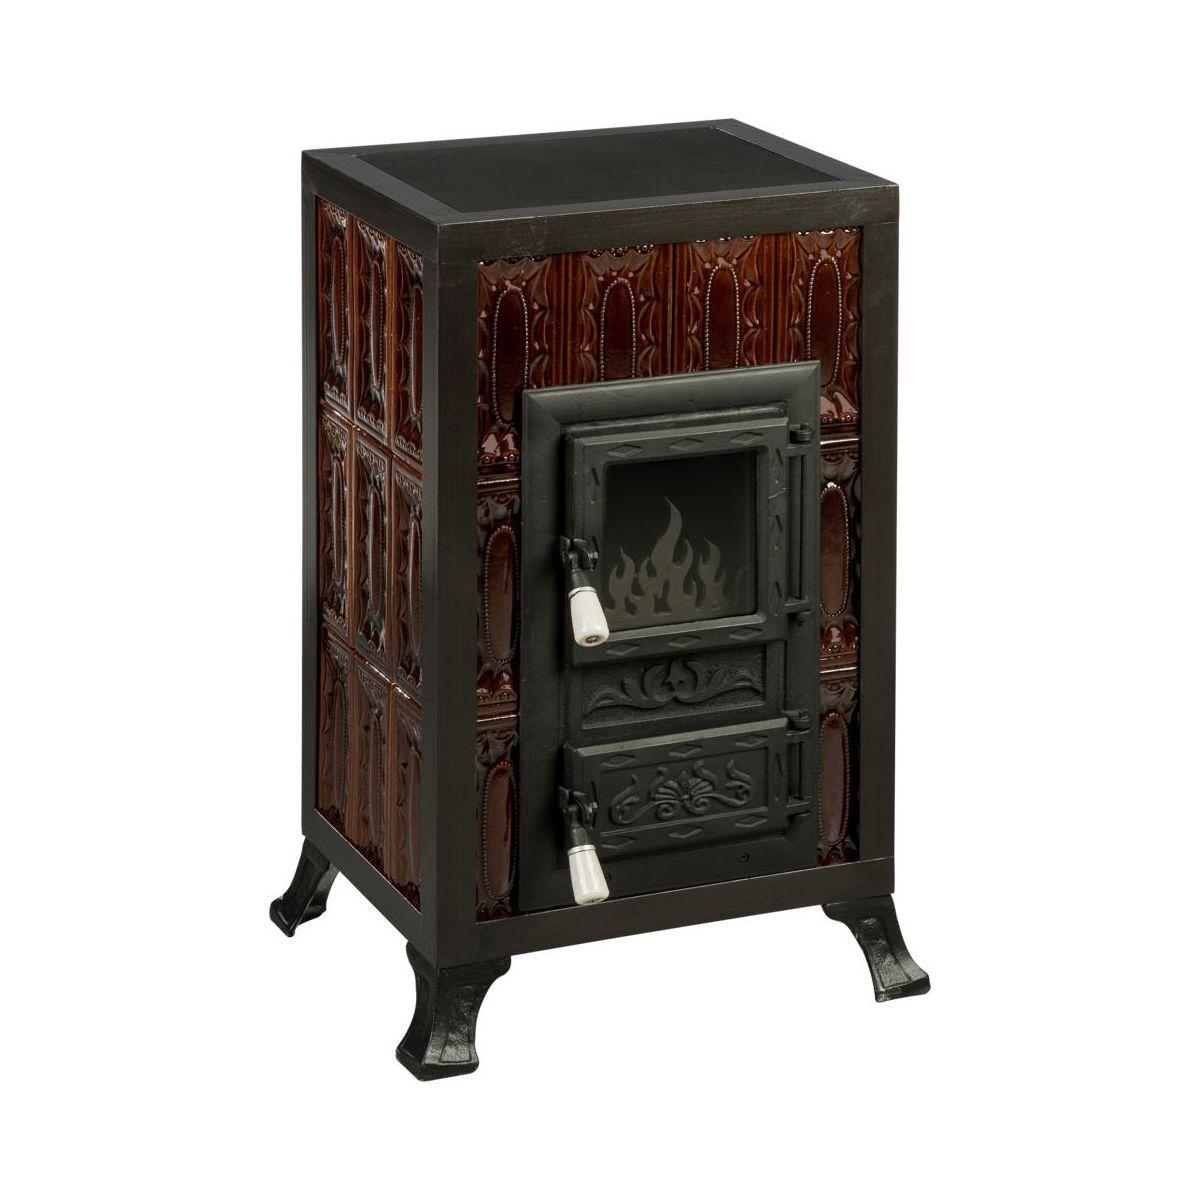 Piec Kominkowy K6br 6 1kw Samson Piece Kominkowe W Atrakcyjnej Cenie W Sklepach Leroy Merlin Wood Wood Stove Home Appliances